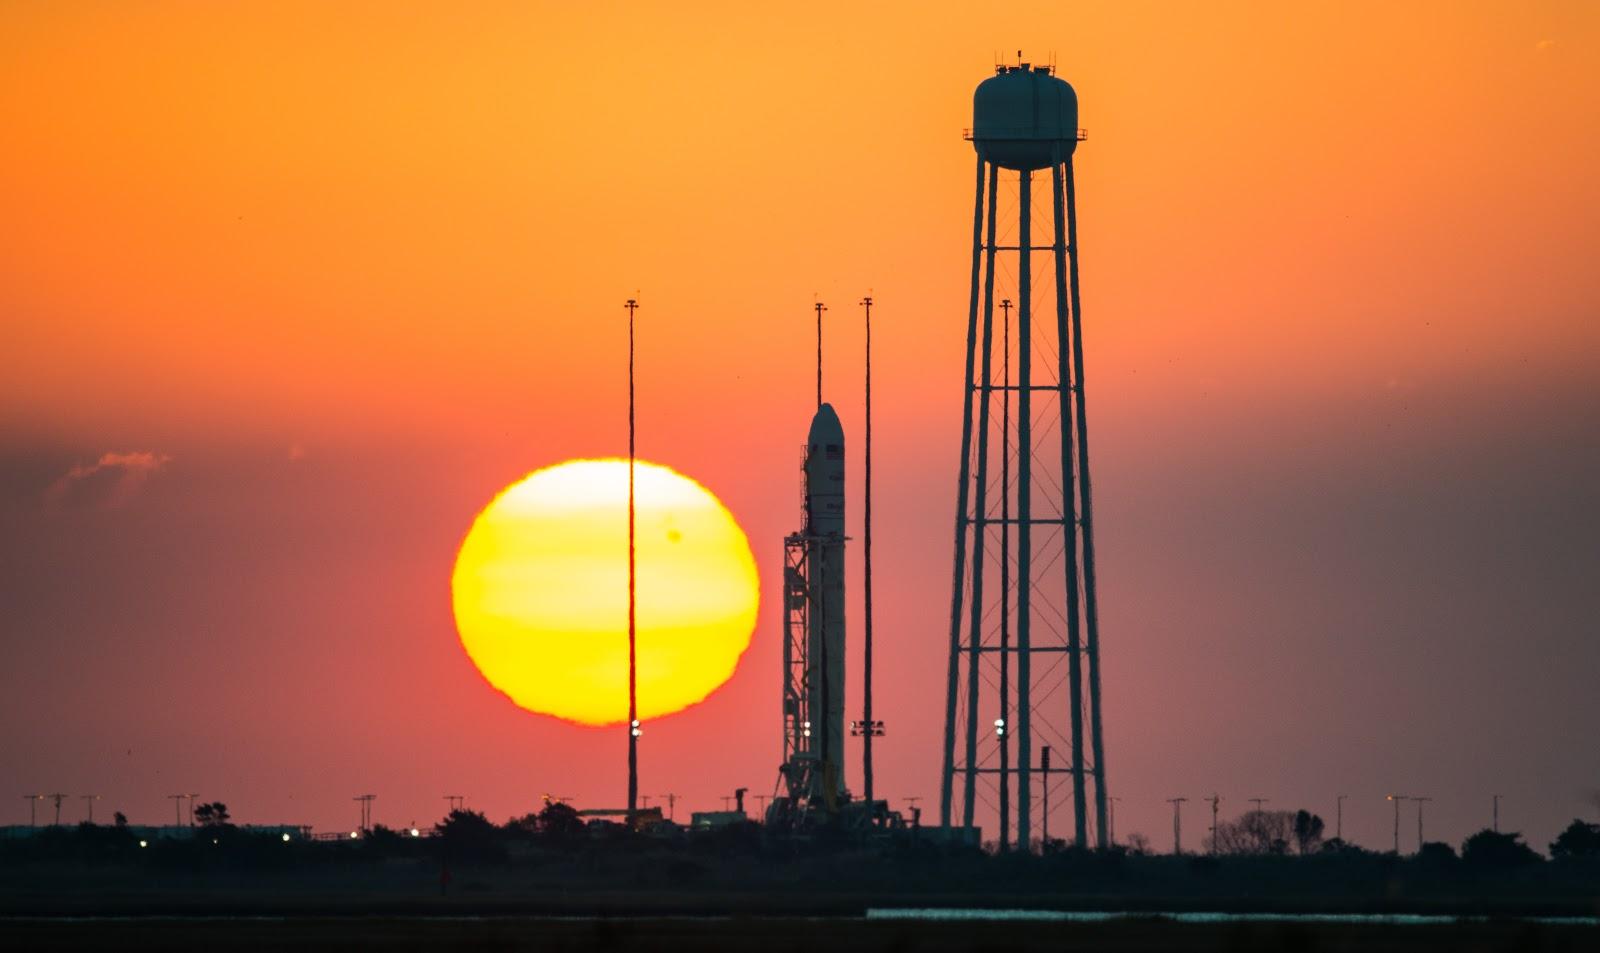 Chuẩn bị cho chuyến bay vào ngày 26/10/2014. Bản quyền hình ảnh : NASA/Joel Kowsky.